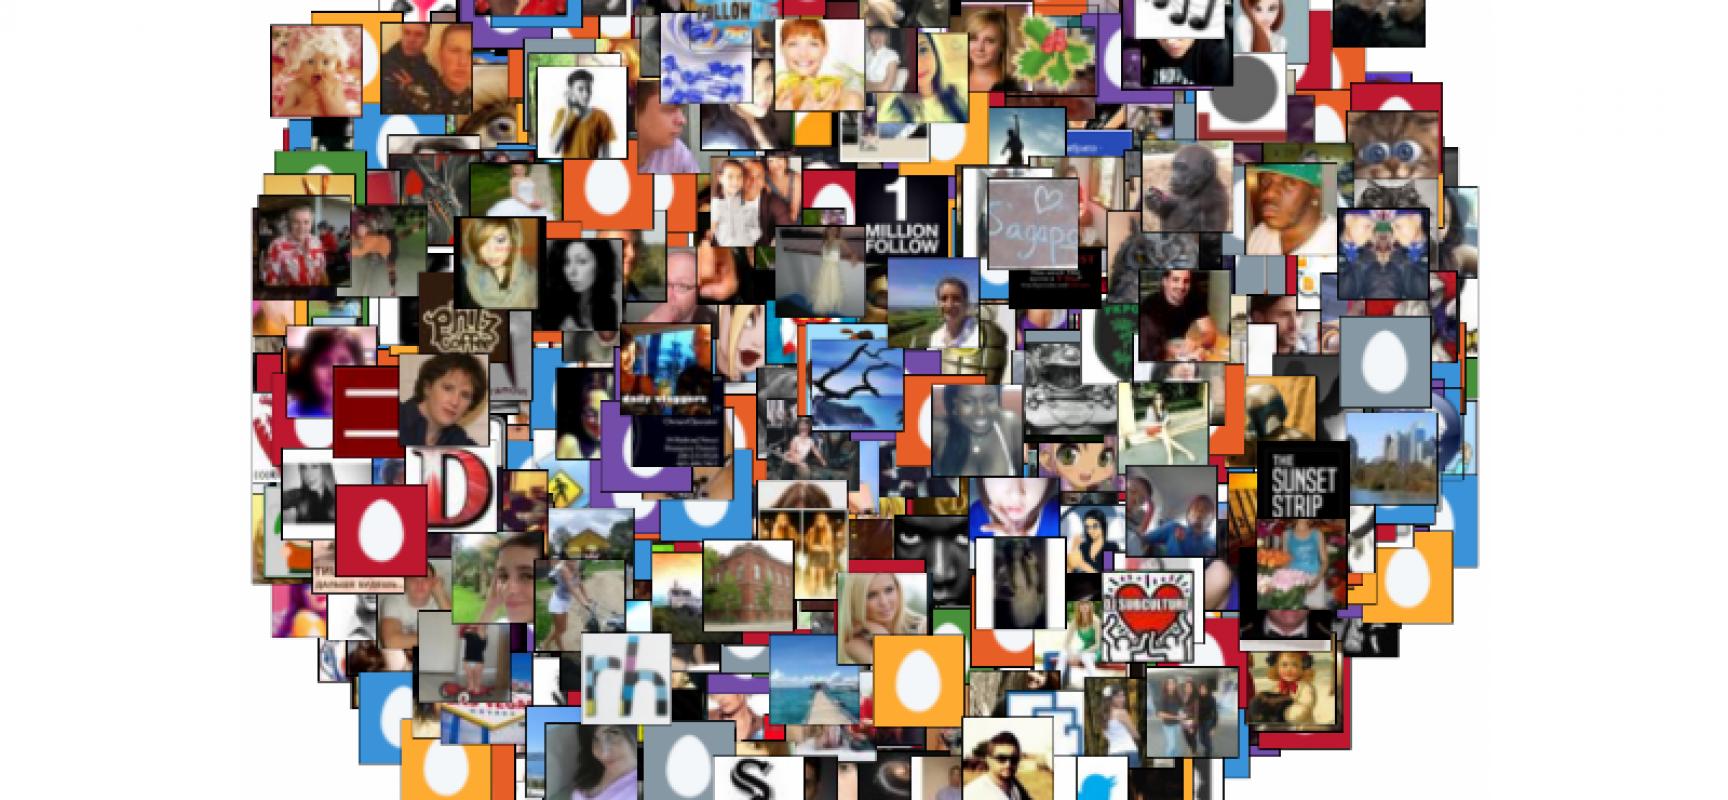 Social Network Analysis Reveals Full Scale of Kremlin's Twitter Bot